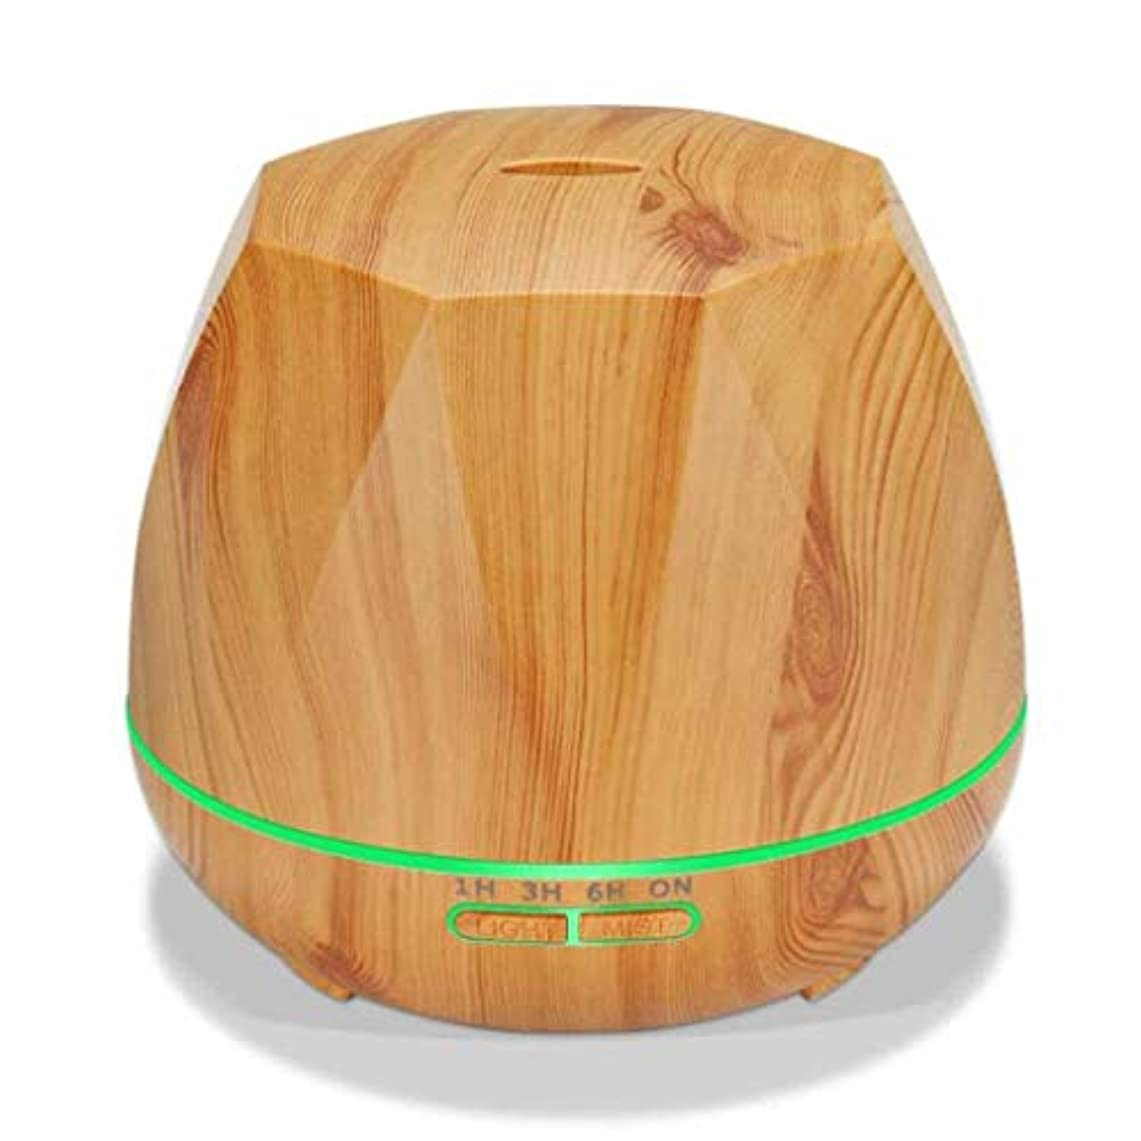 書くマイナスアイザッククールミスト空気加湿器、カラーLEDライト付き交換用超音波、ヨガ、オフィス、スパ、寝室、ベビールーム - 木目調 (Color : Light wood grain)